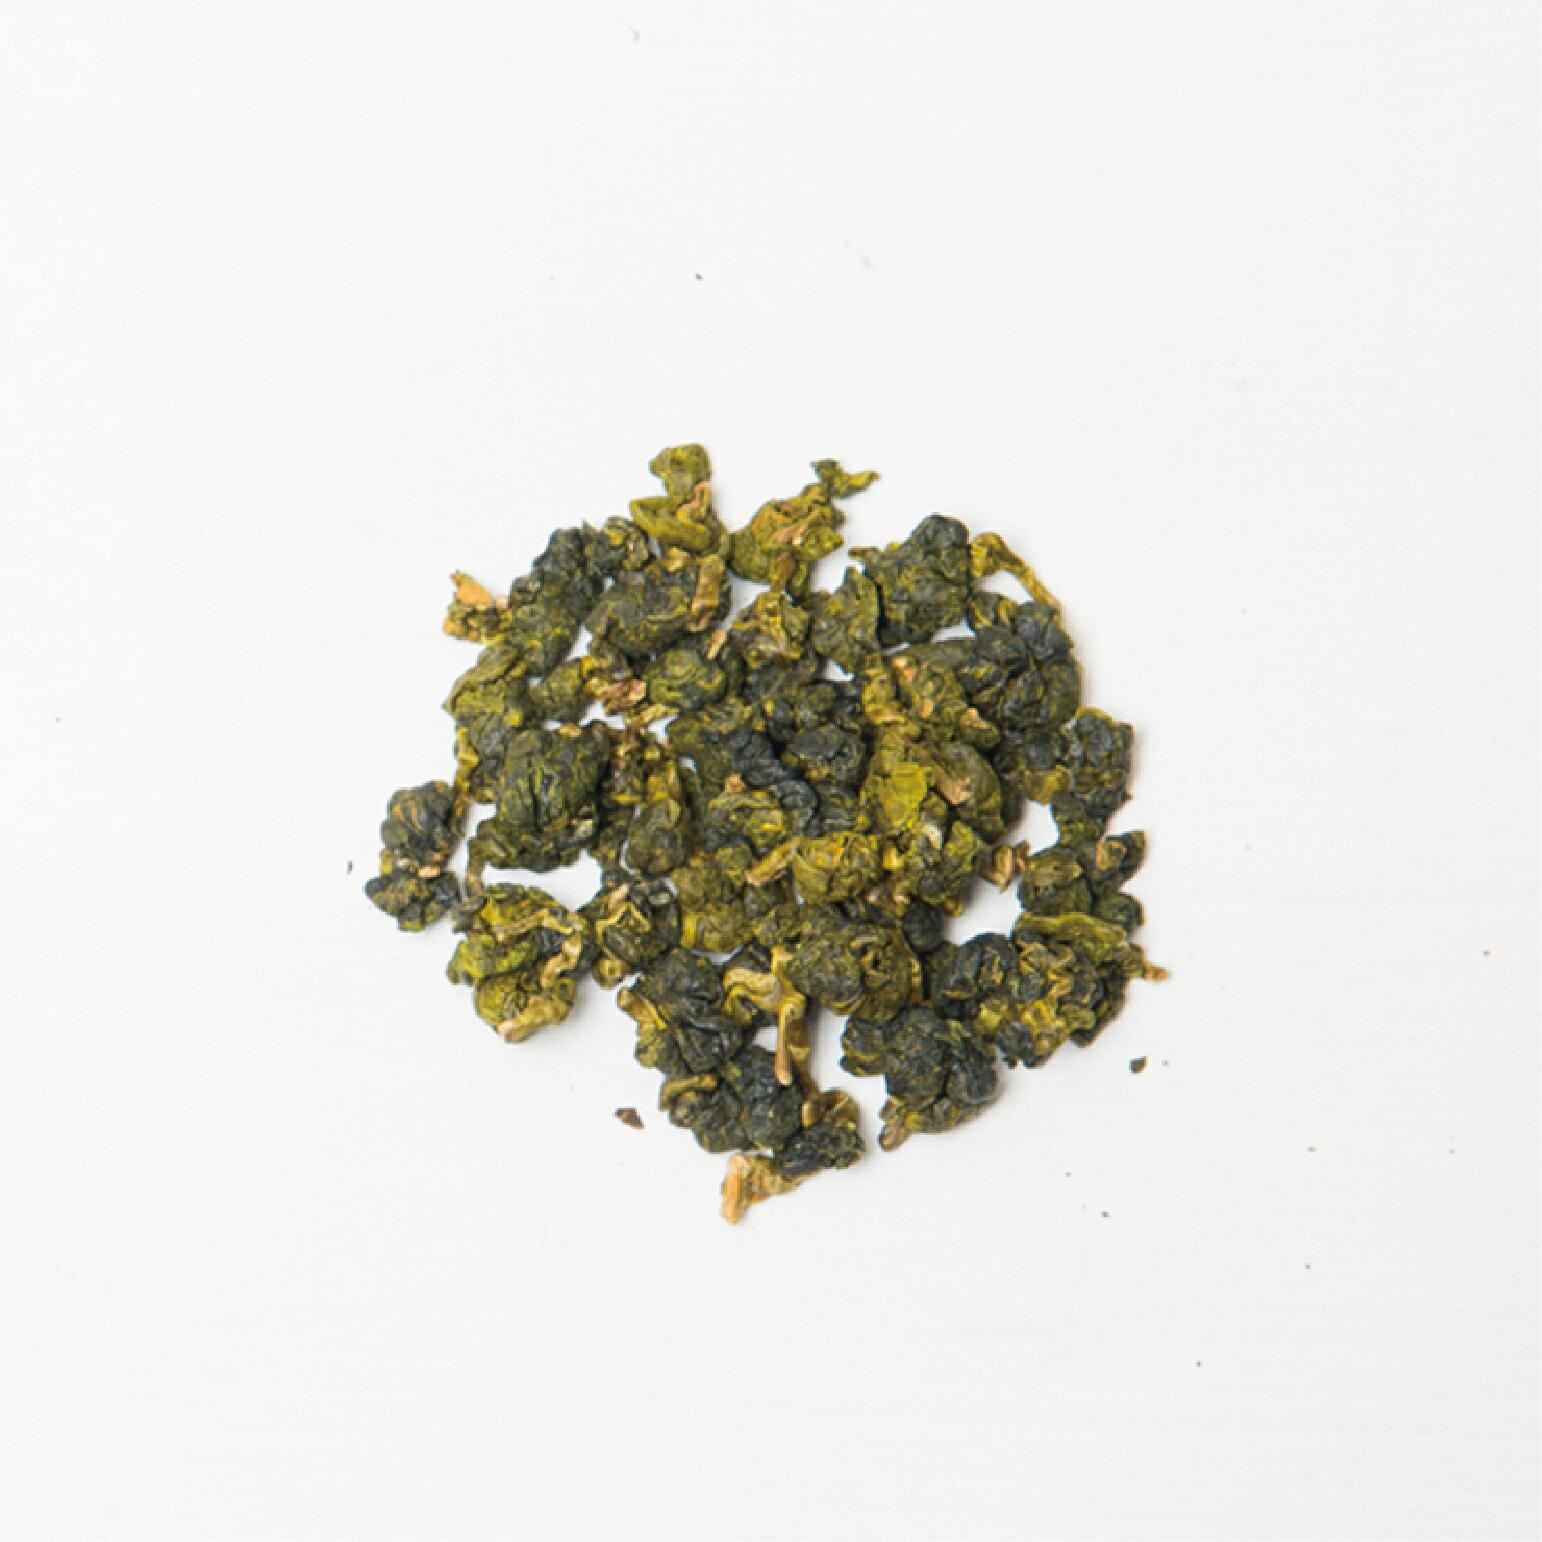 【杜爾德洋行 Dodd Tea】嚴選阿里山高山烏龍茶立體茶包12入 【小火車紀念版】(TAMB-E12) 3